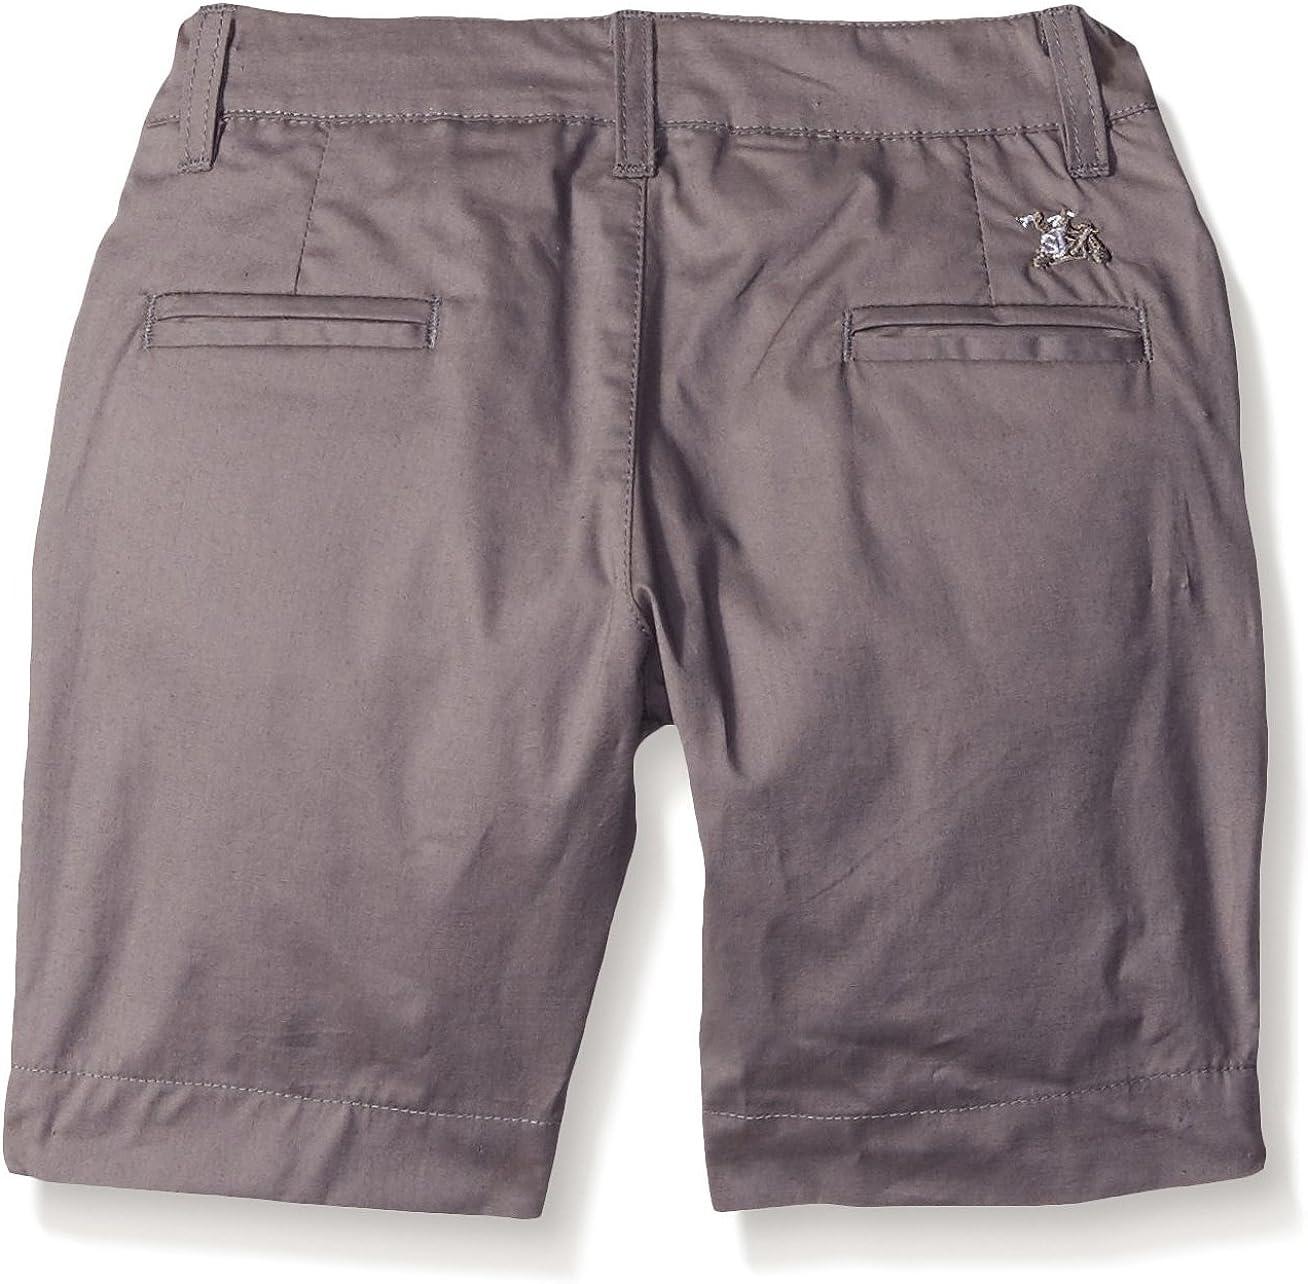 SIERRA JULIAN Boys Manolo Bermuda Shorts